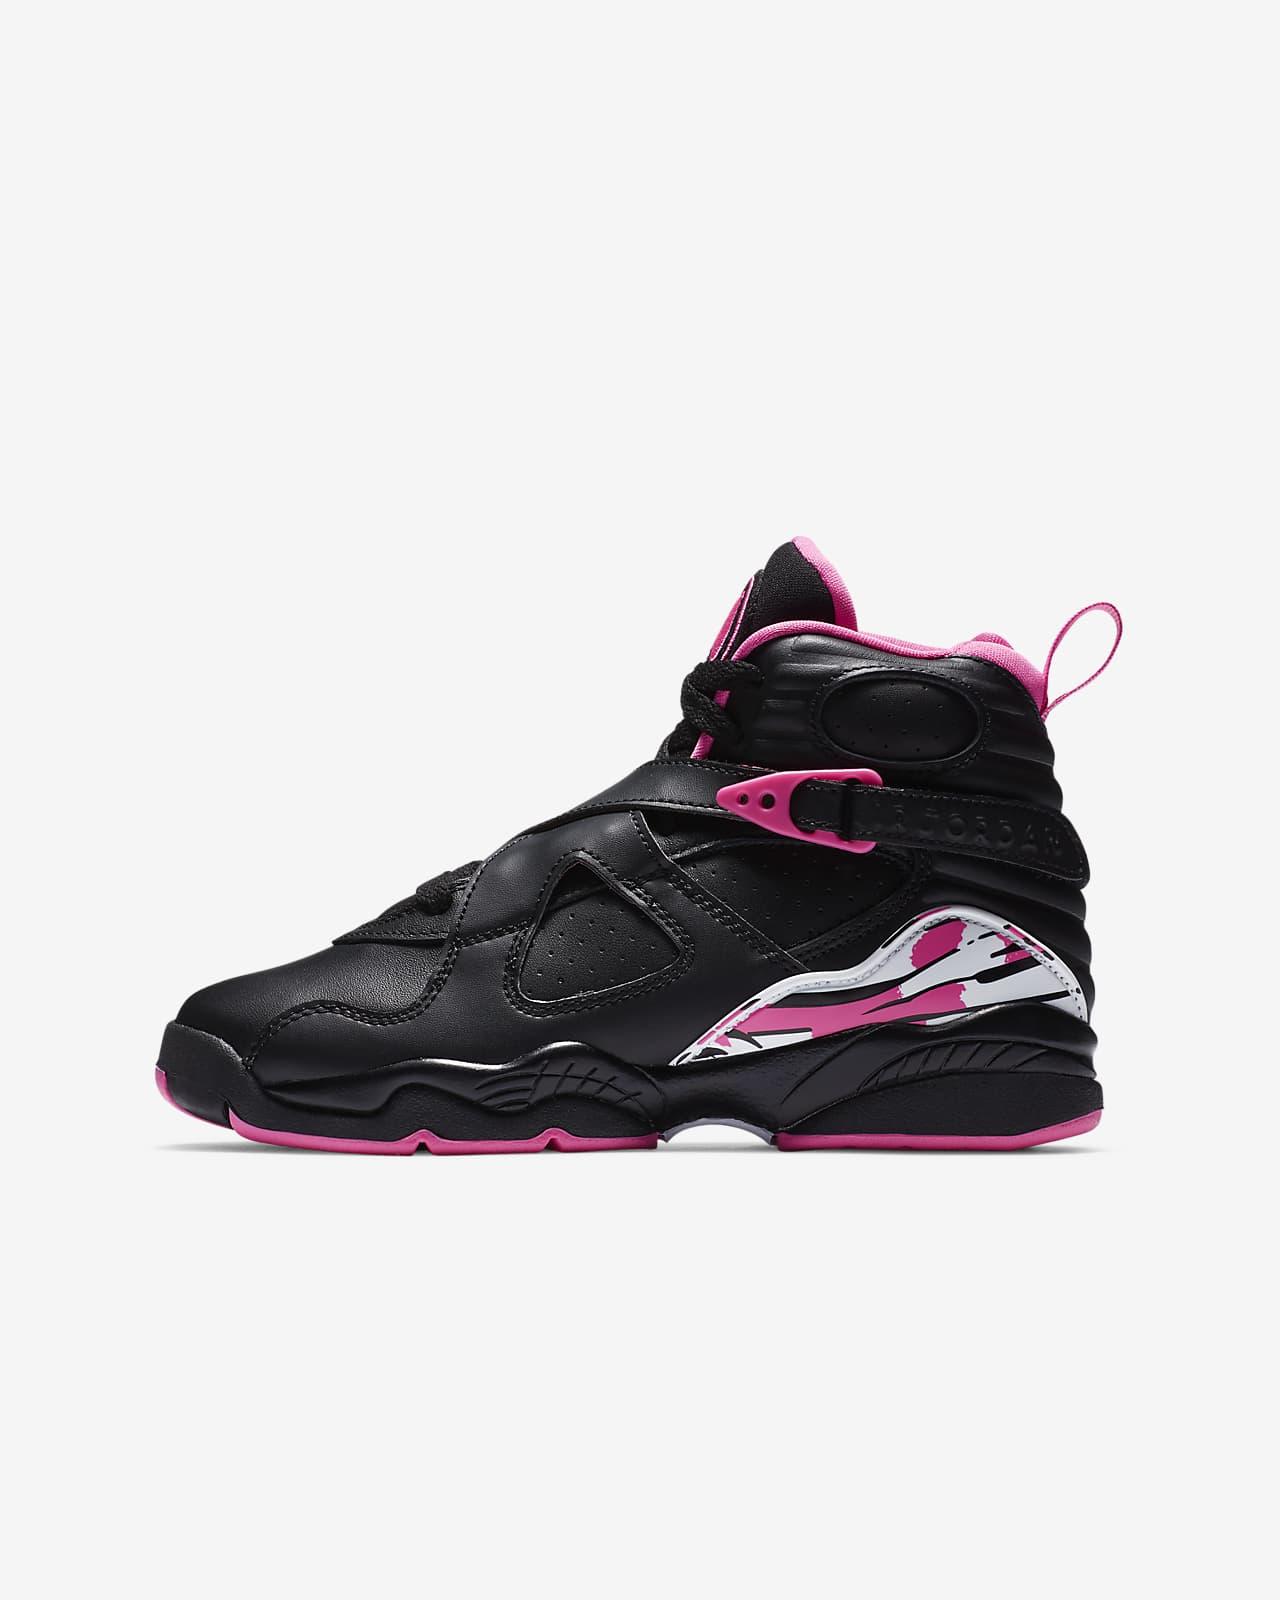 Air Jordan 8 Retro Older Kids' Shoe